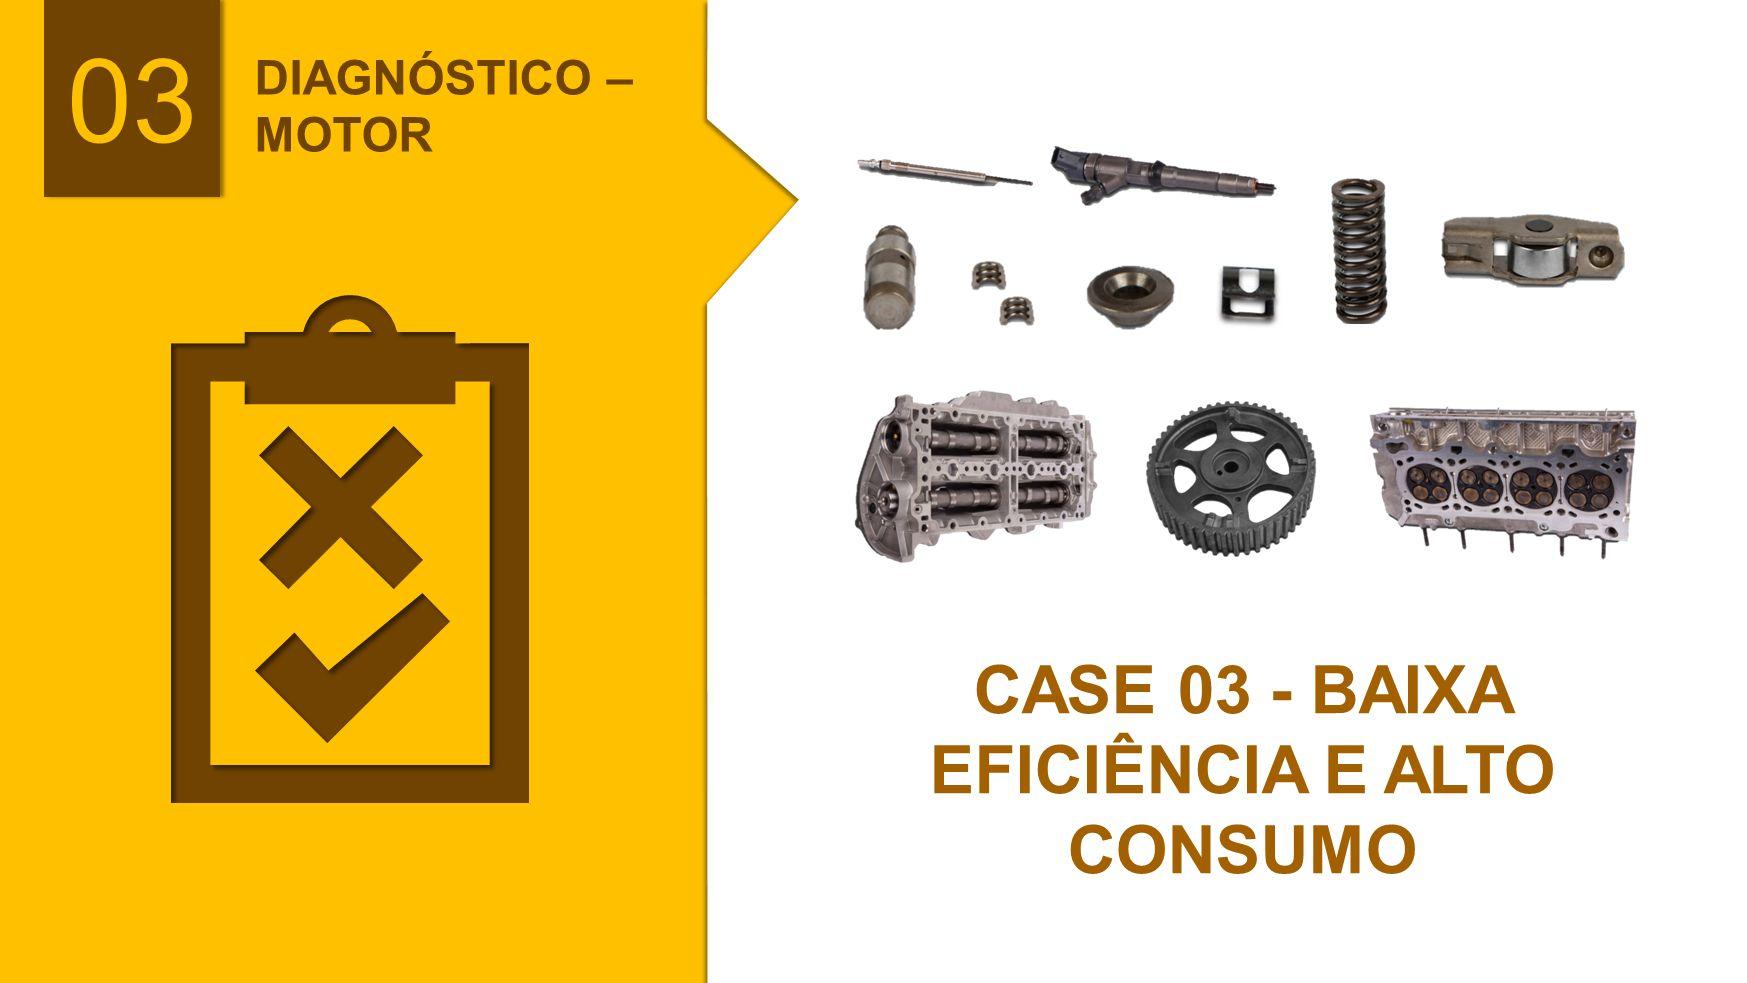 CASE 03 - BAIXA EFICIÊNCIA E ALTO CONSUMO